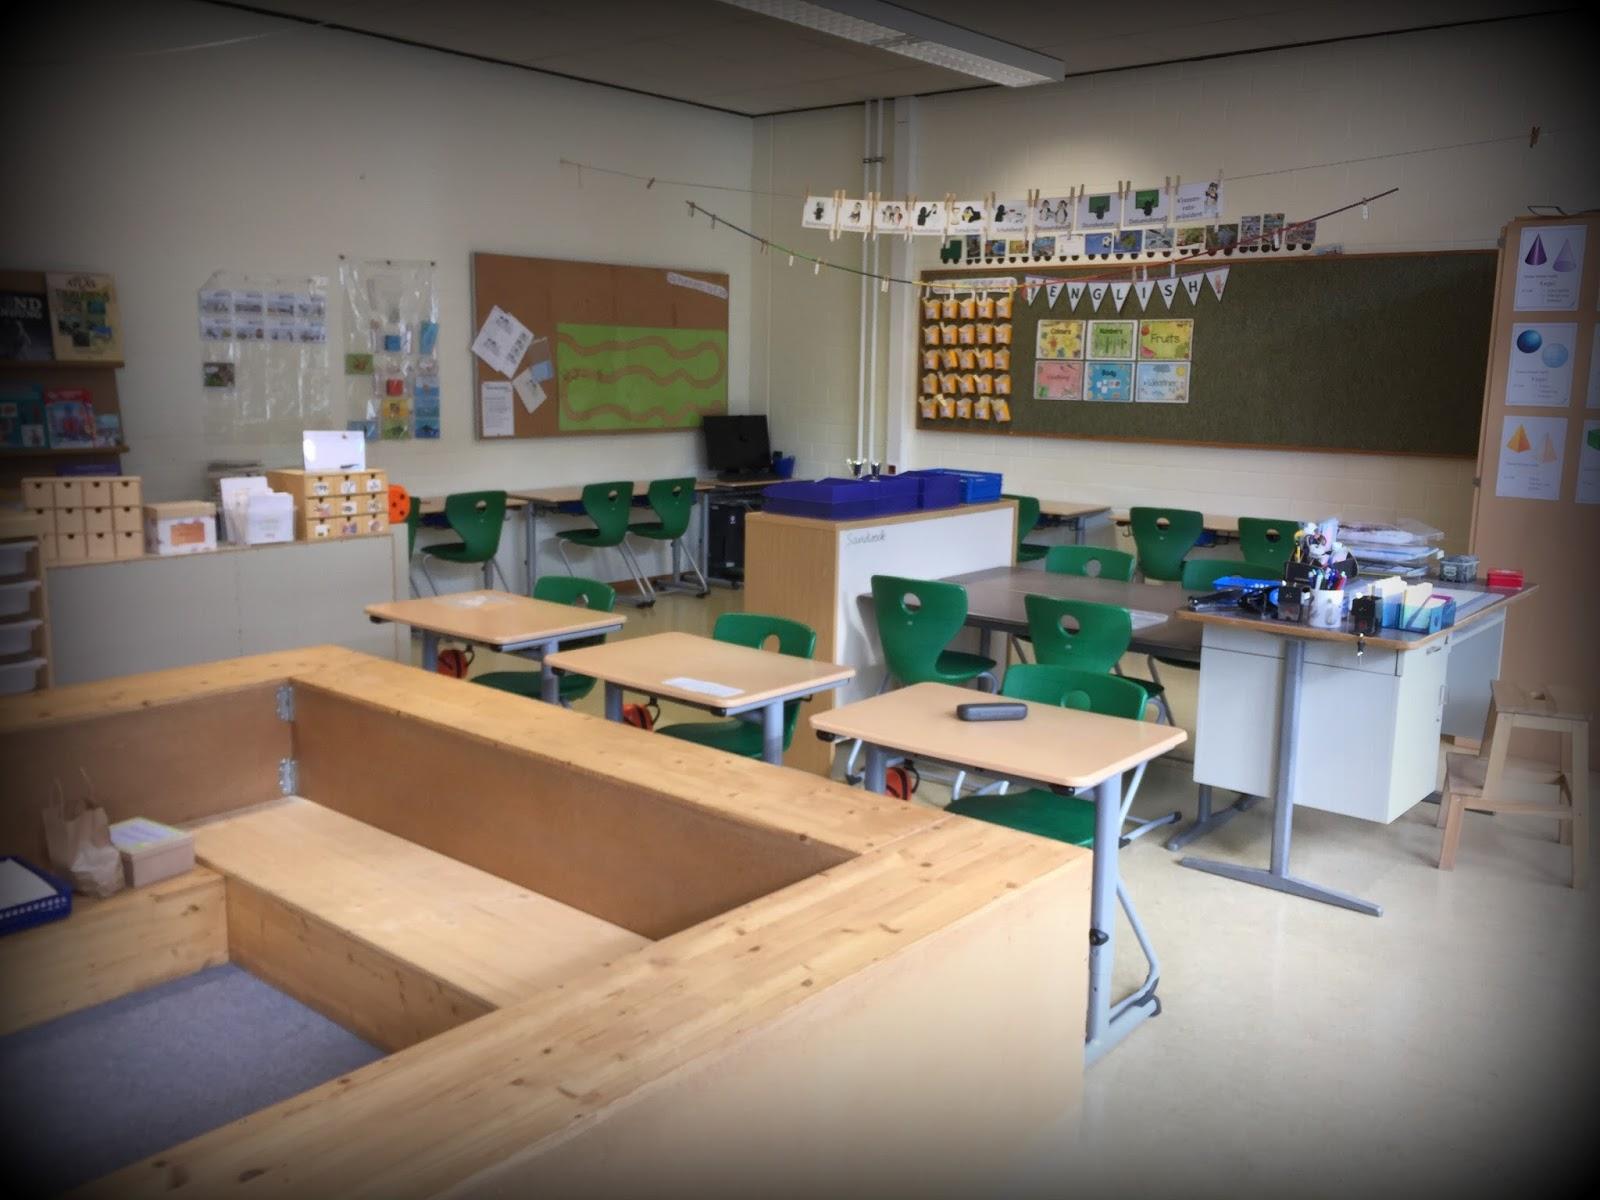 Endlich pause 2 0 endlich ordnung for Schreibtisch grundschule